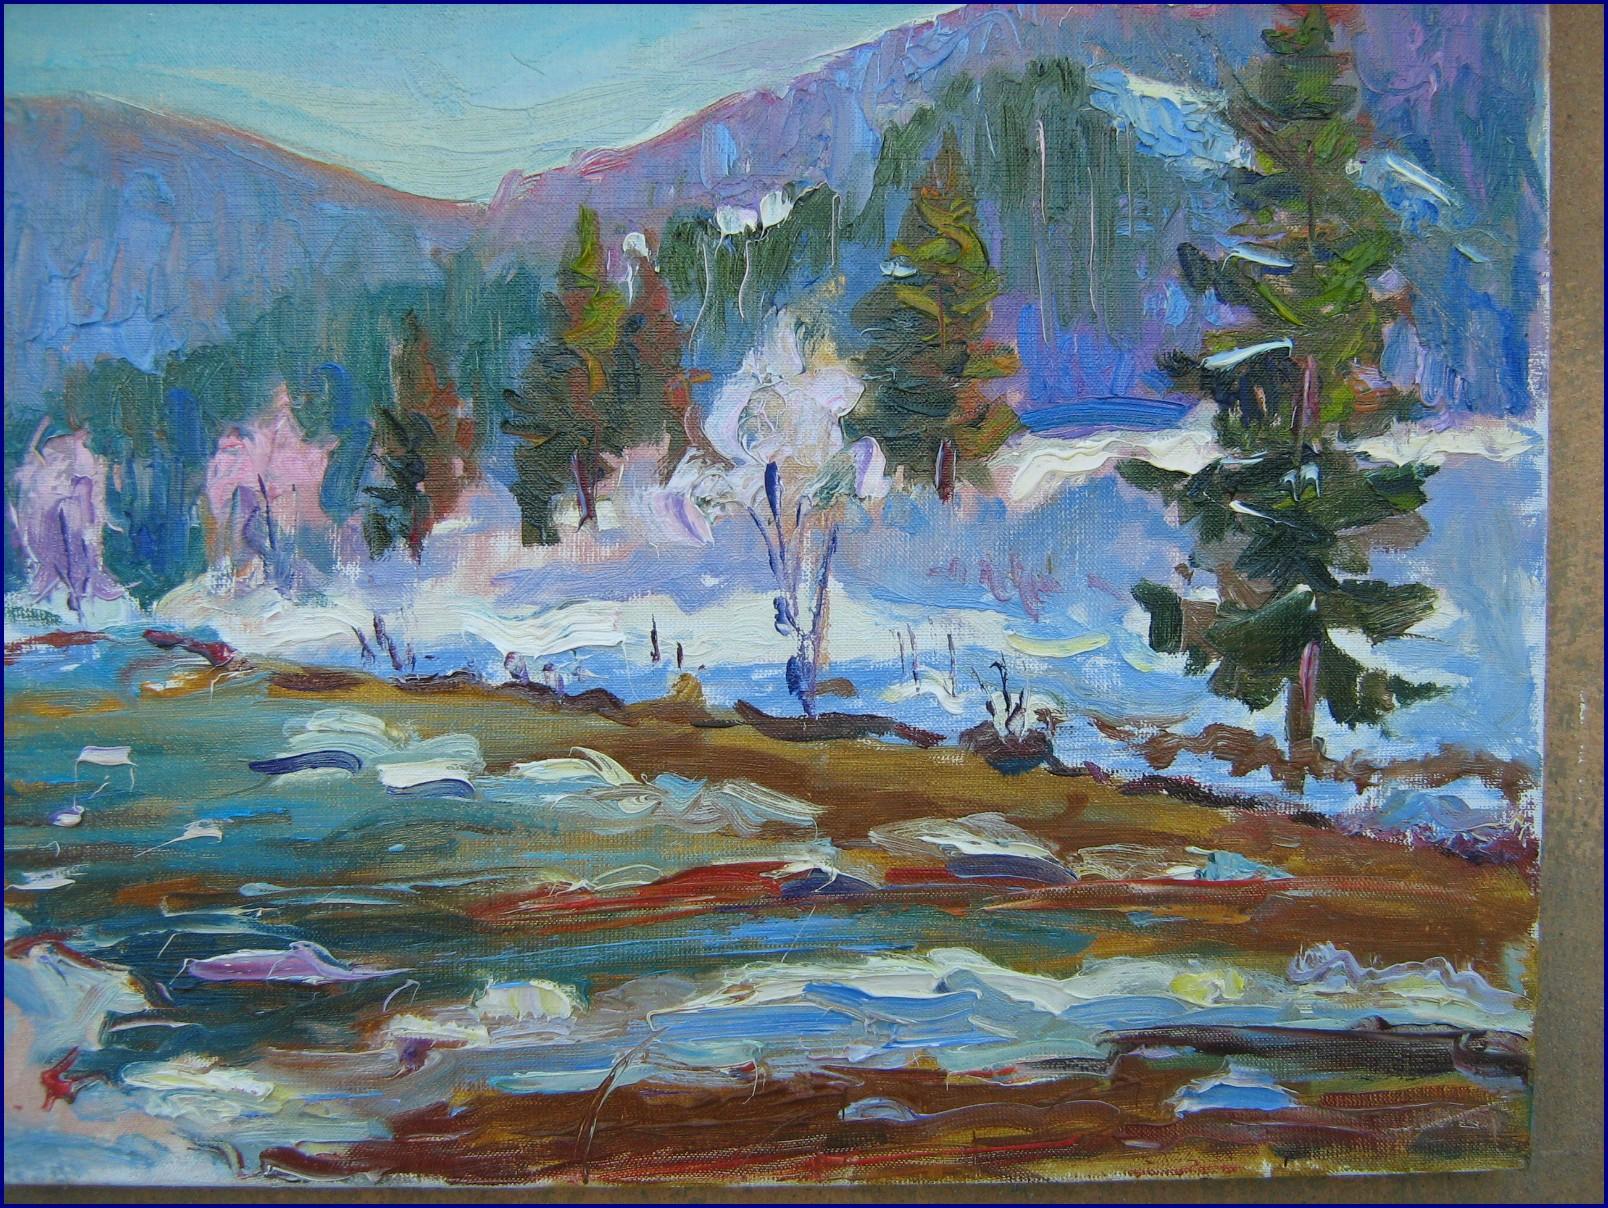 1310917273_img_0144-1600x1200_www.nevsepic.com.ua